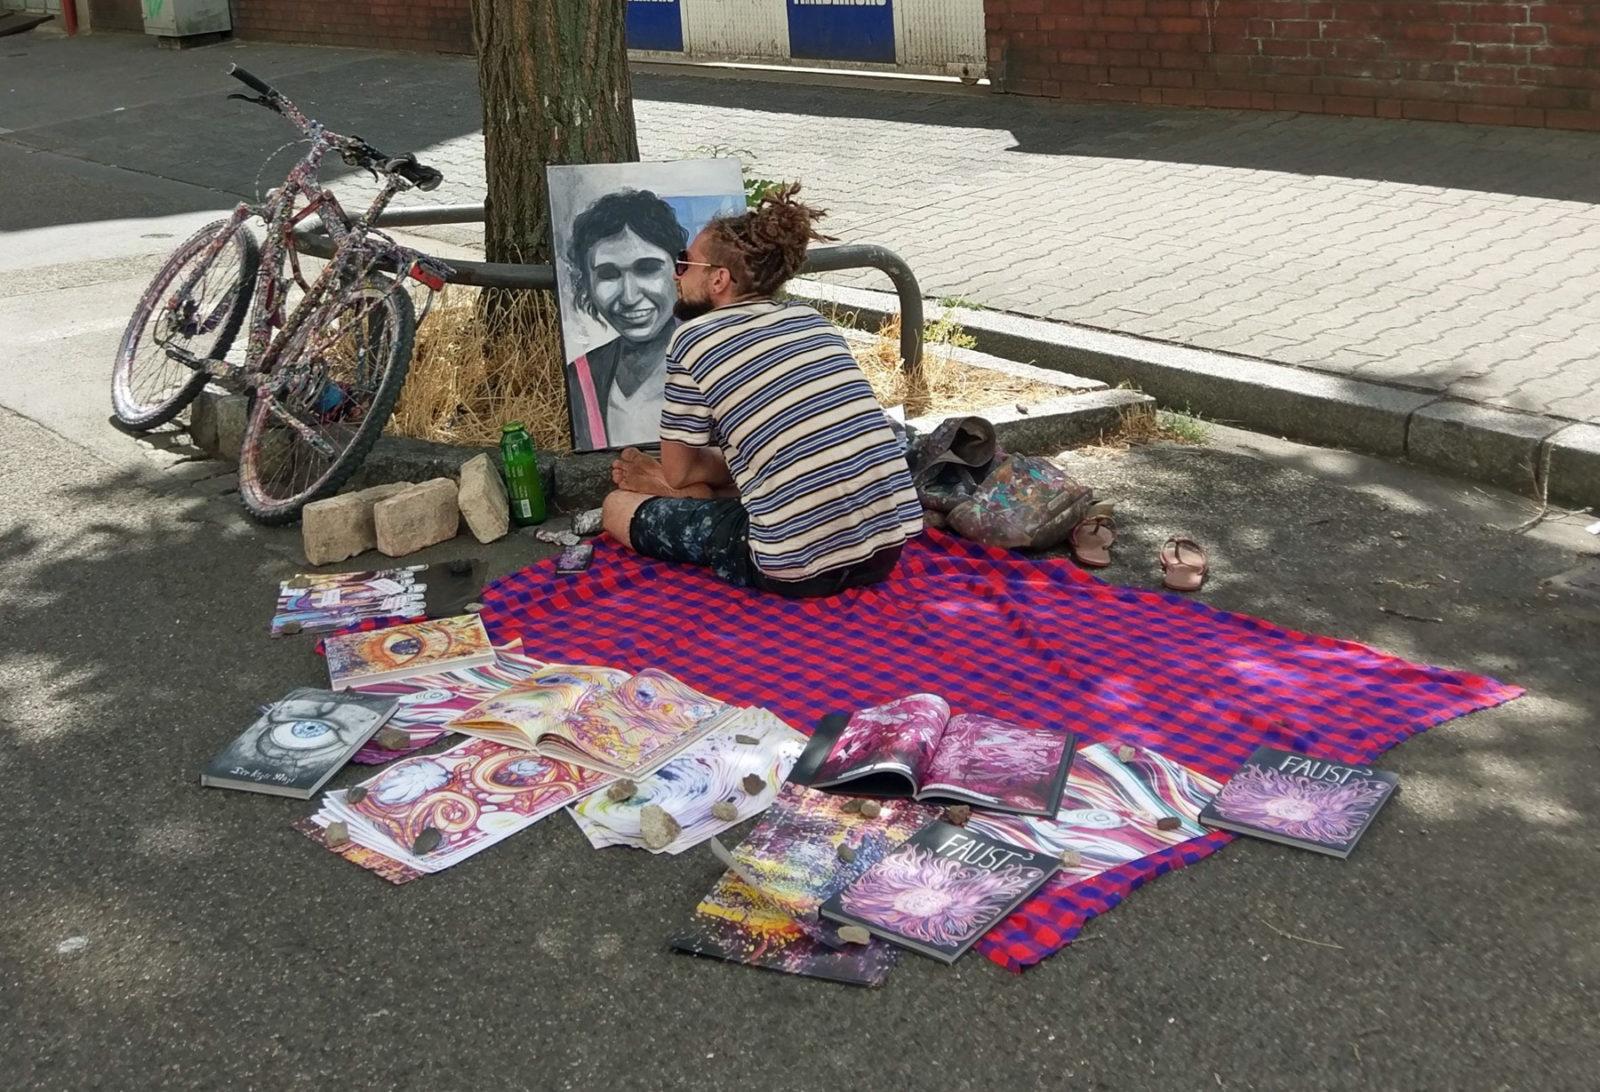 Zarathroxa sitzt unter einem Baum auf einer bunten Decke. Um sich herum liegen Werke und Bücher von ihm, vor ihm ein Bild, an dem er malt.